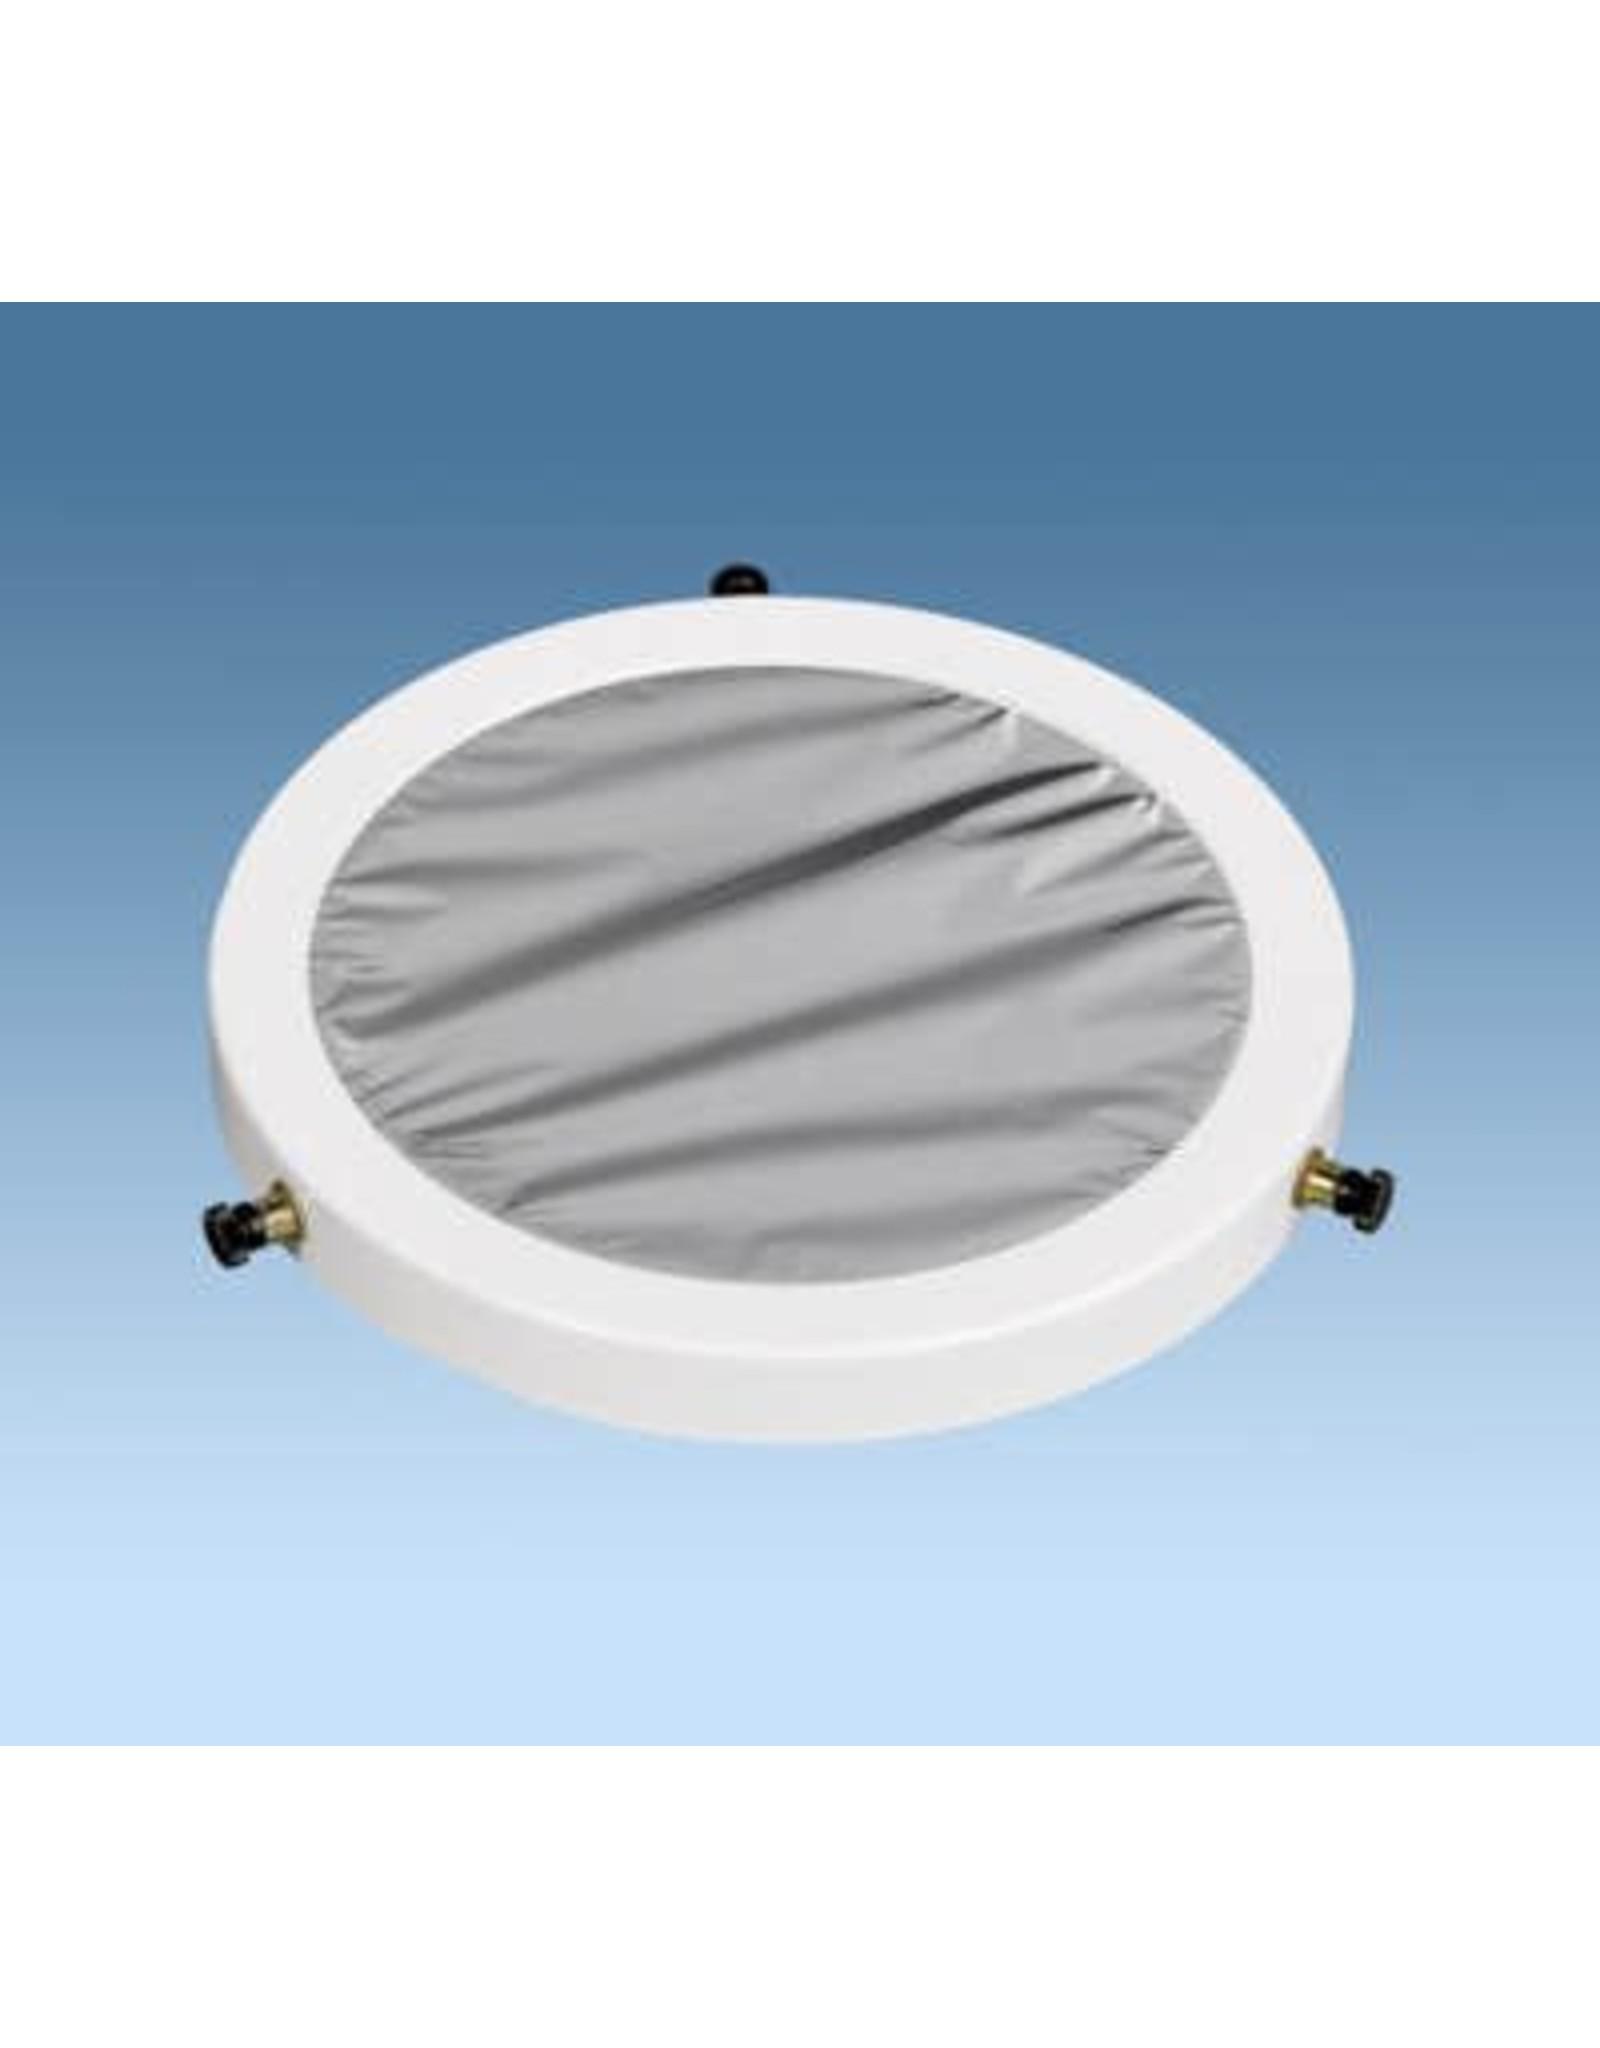 Astrozap AZ-1001 Baader Solar Filter - 110mm-120mm (ETX105)